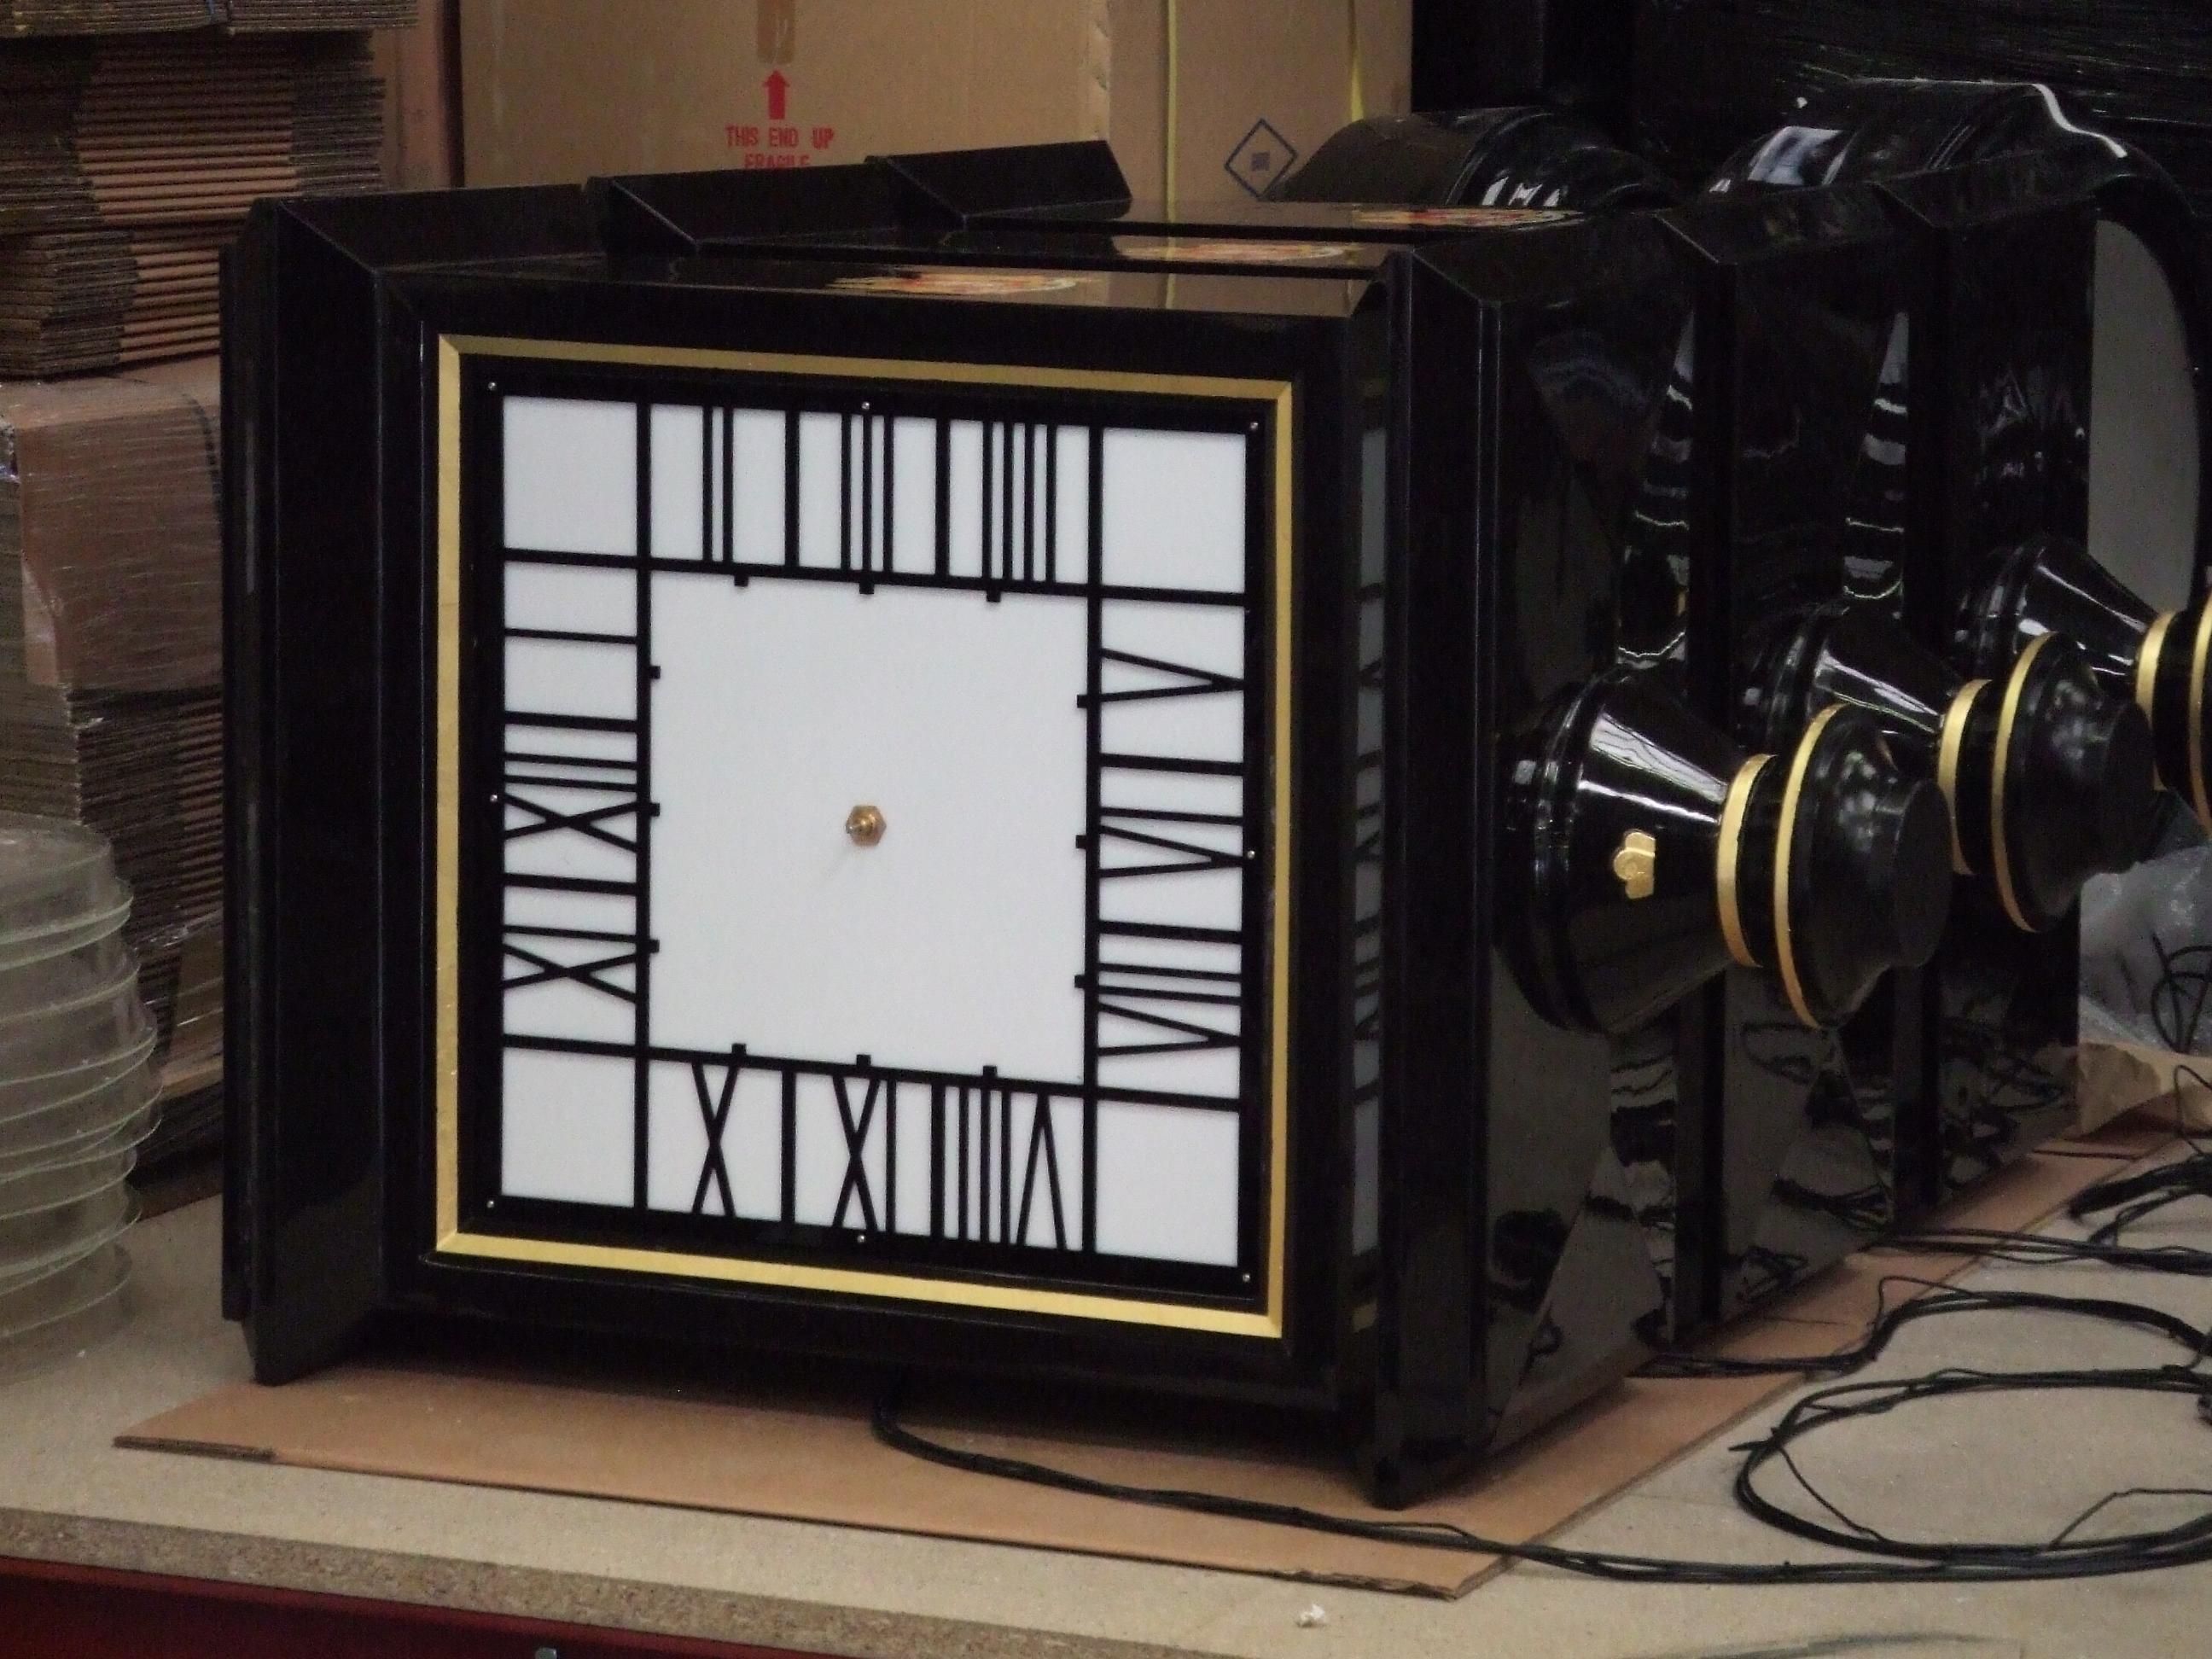 Square Drum clocks in manufacture